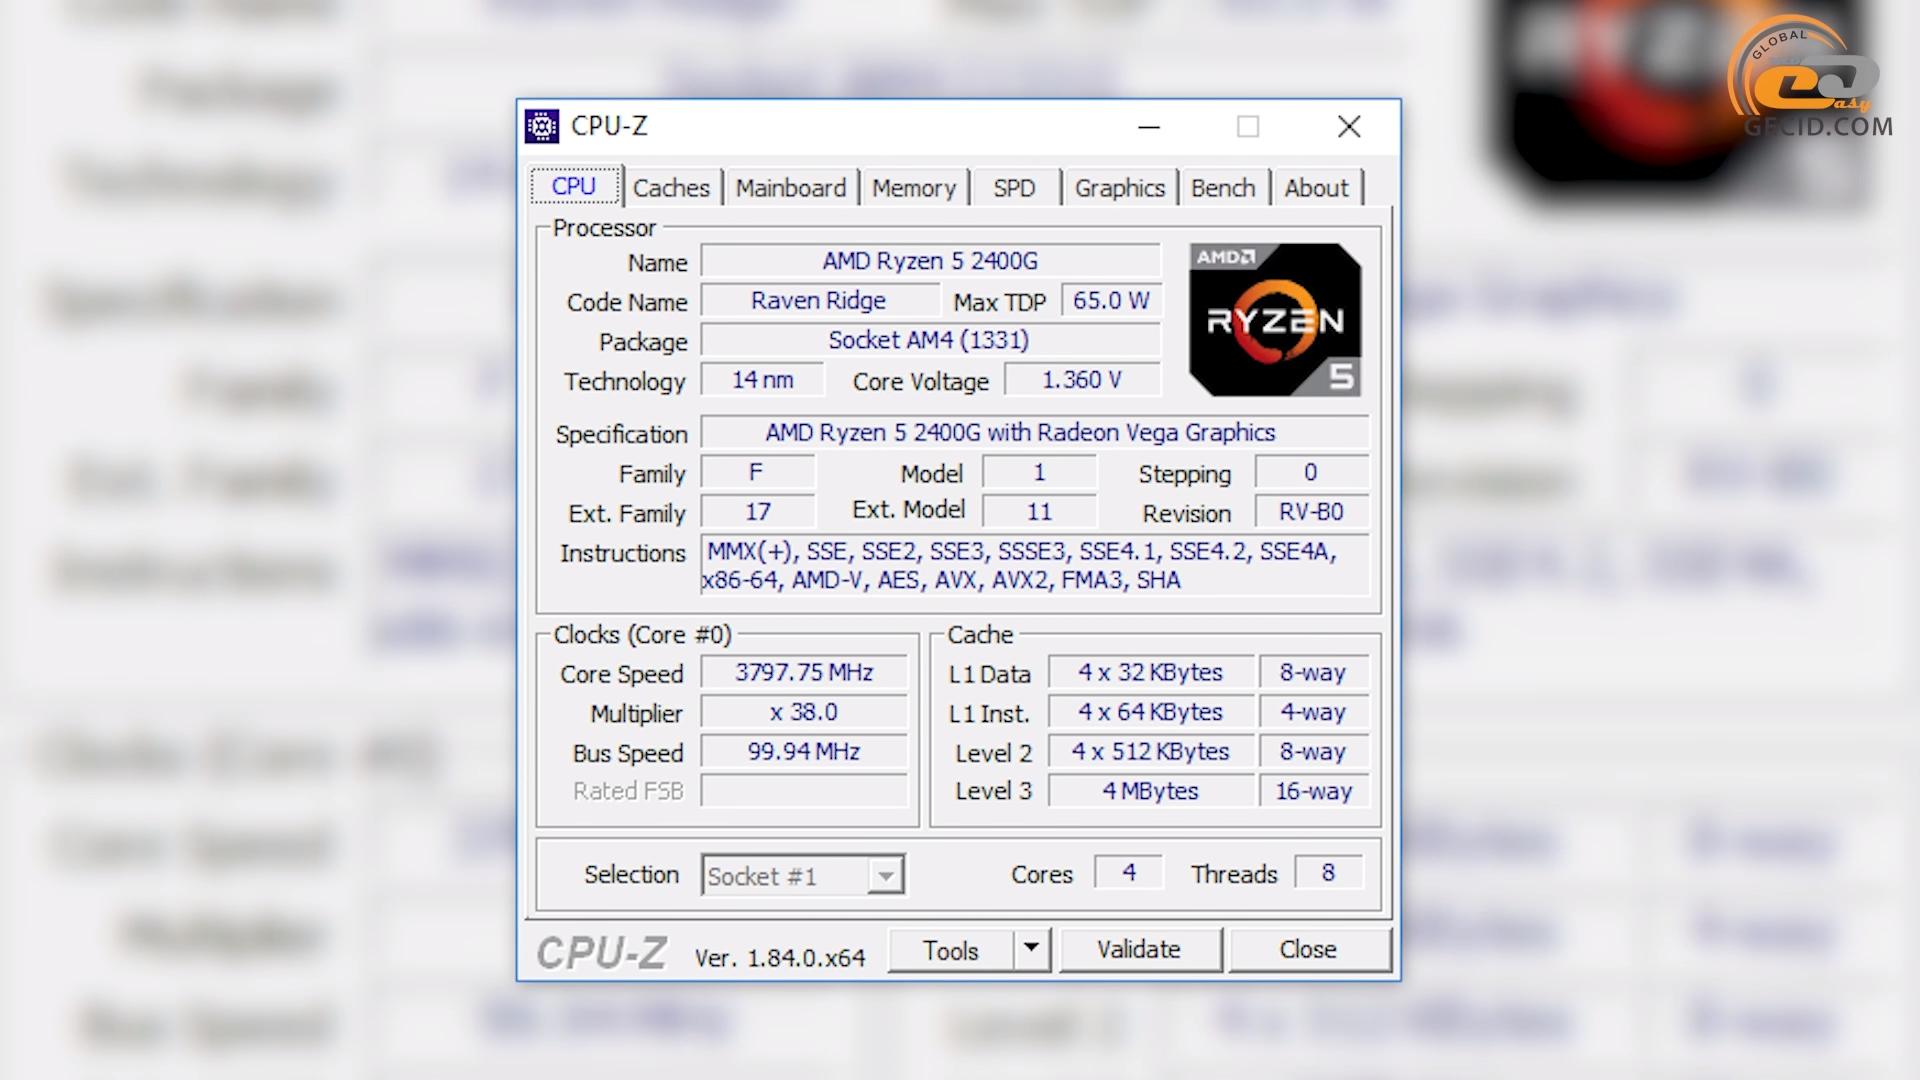 Сравнение: Radeon Vega 11 против GeForce GT 1030, GTX 750 Ti